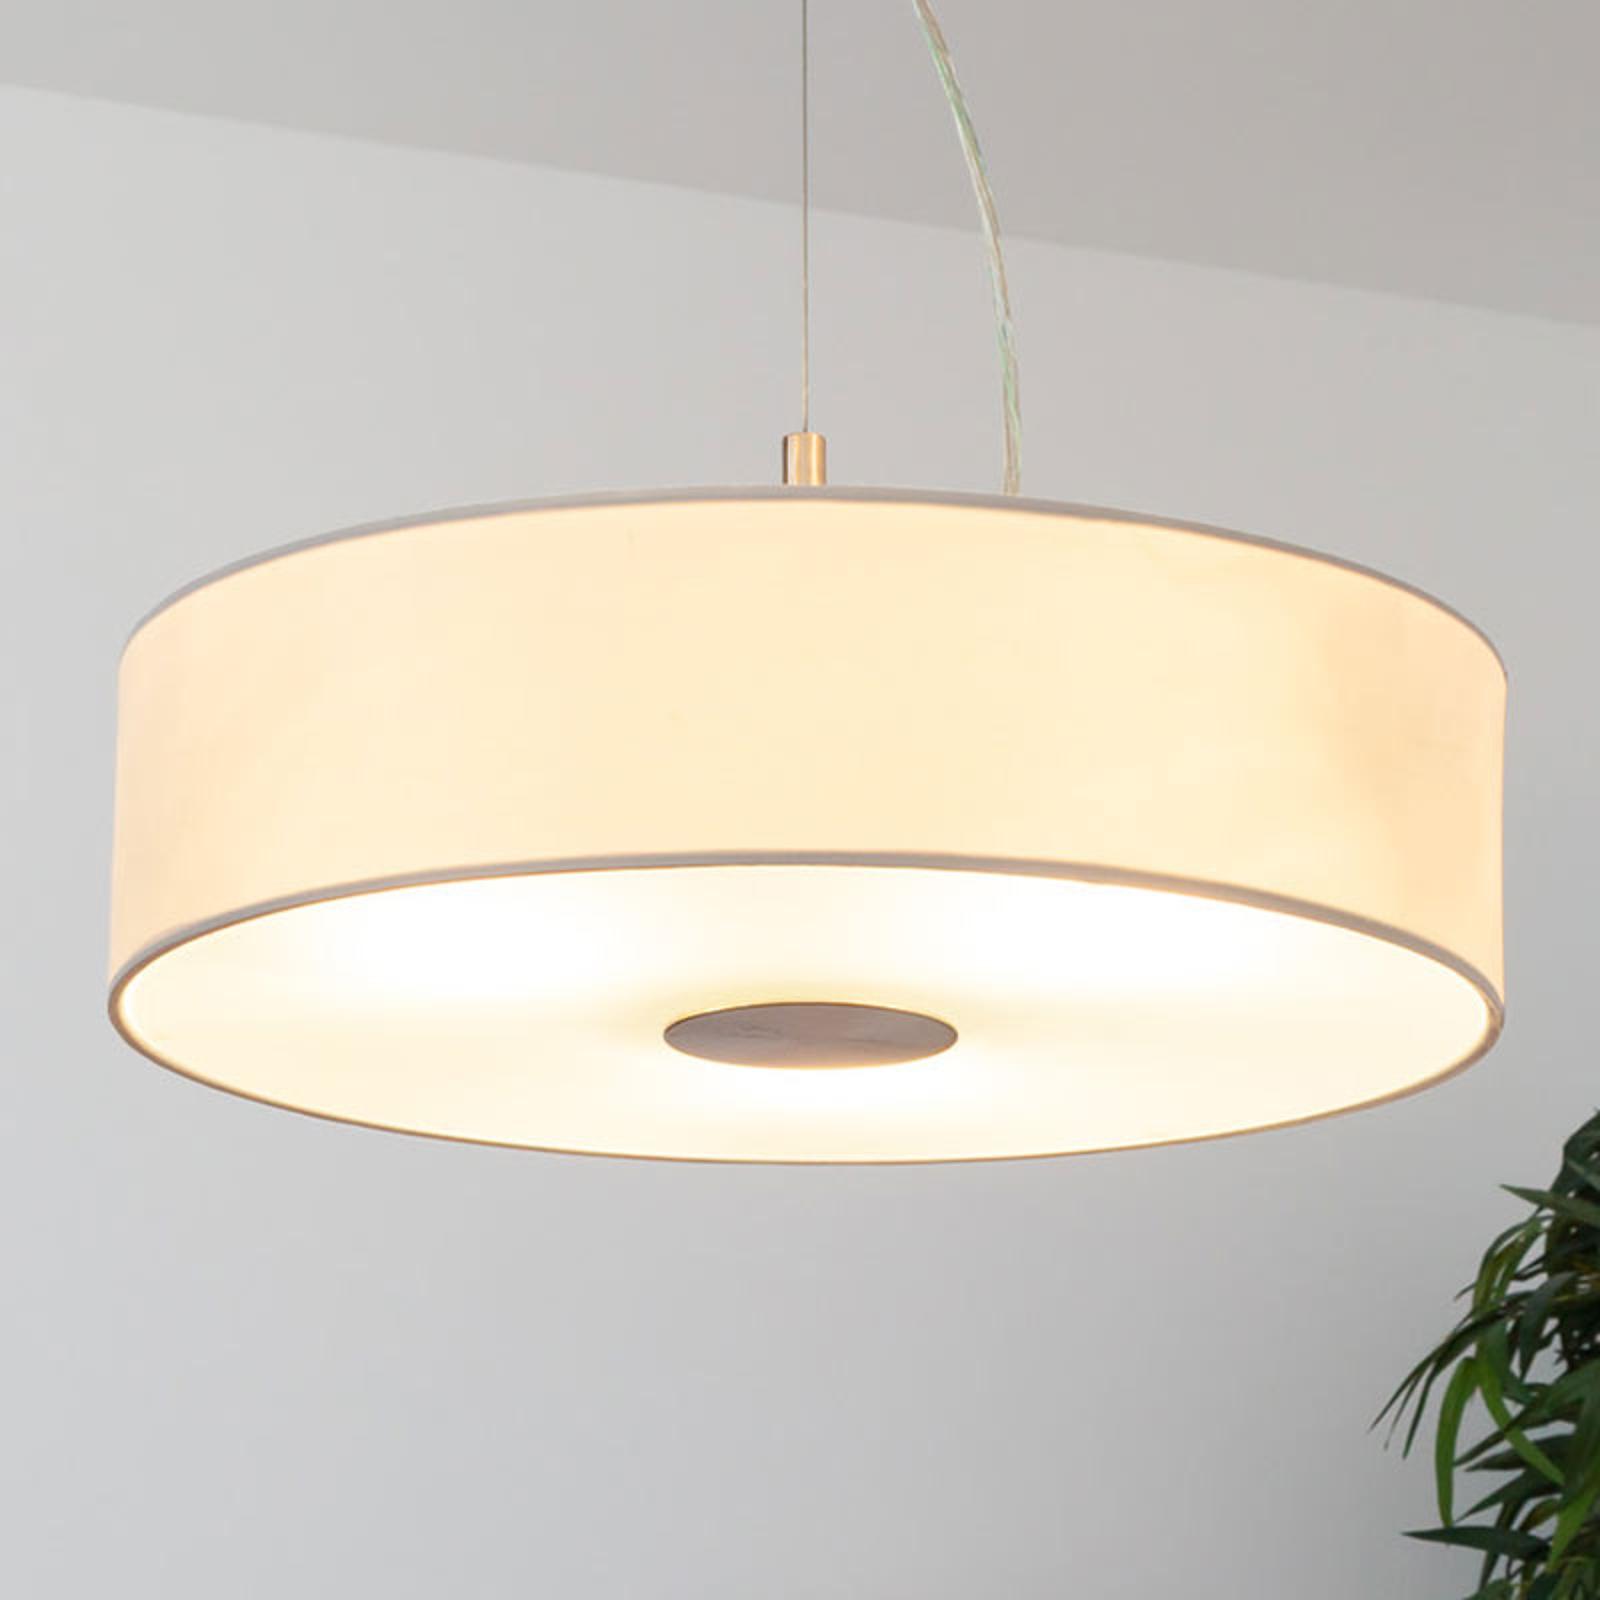 Josia - elegante hanglamp in wit